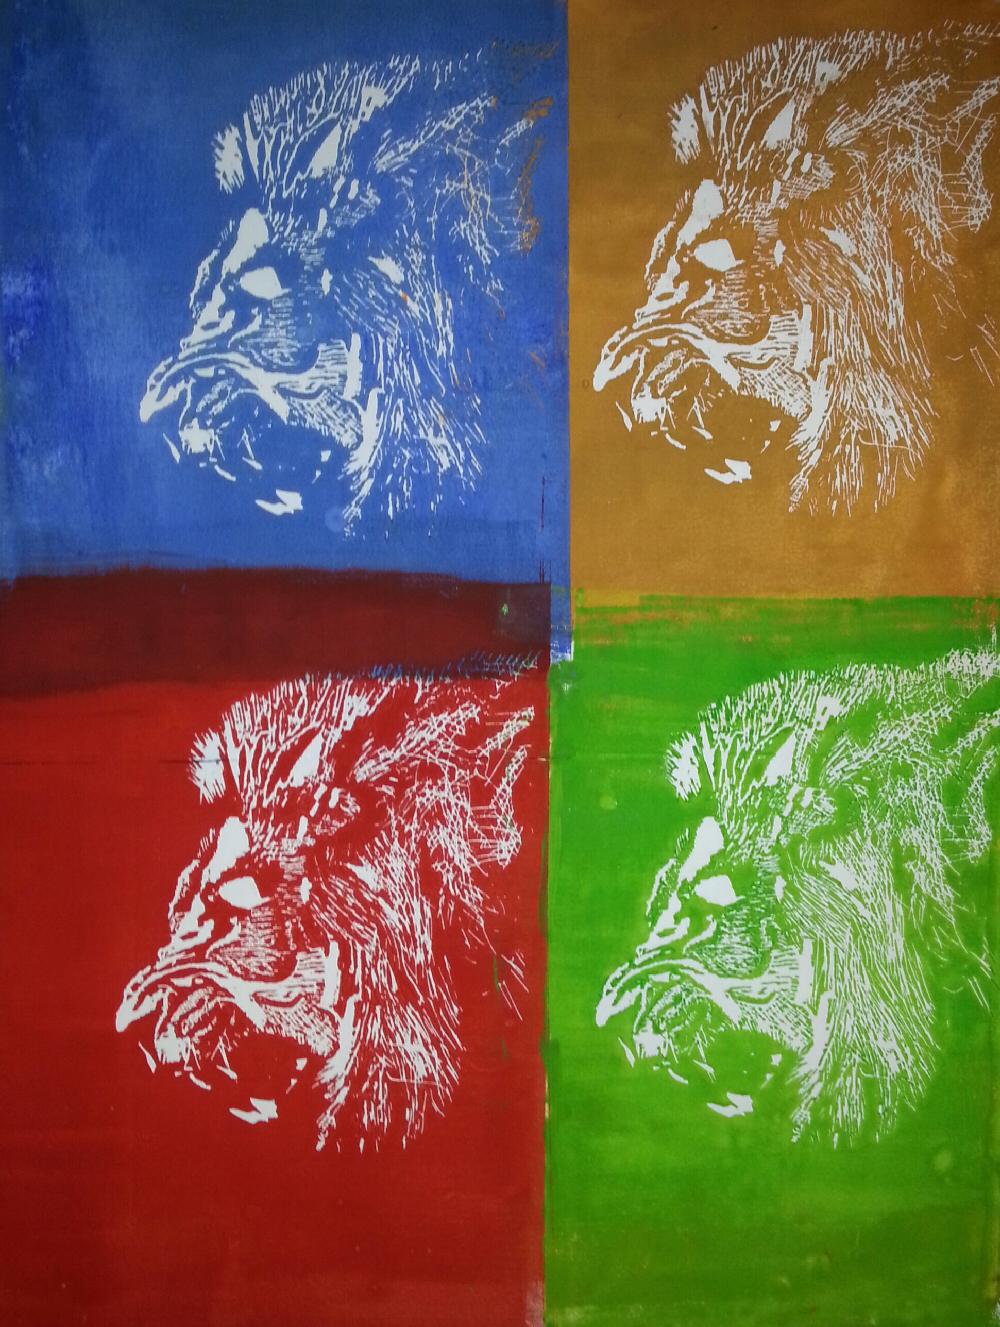 Löwe - Holzschnitt in verschiedenen Farben